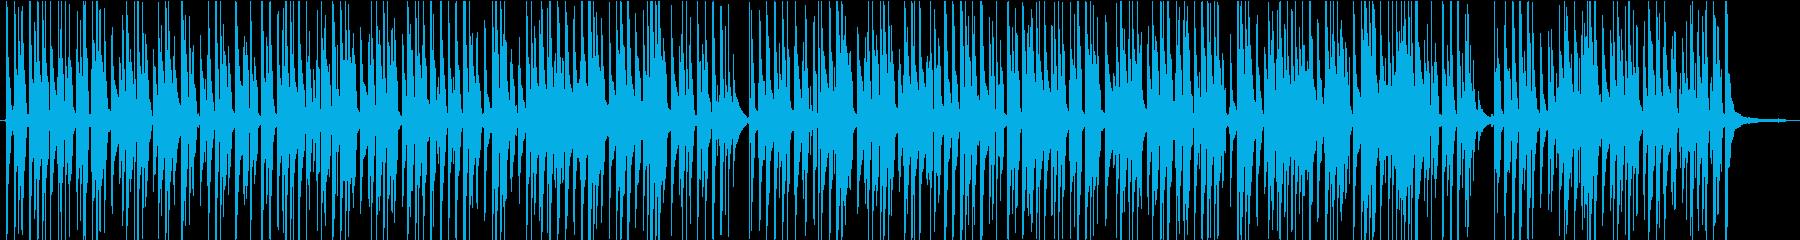 のんびりバカンスなウクレレの曲の再生済みの波形